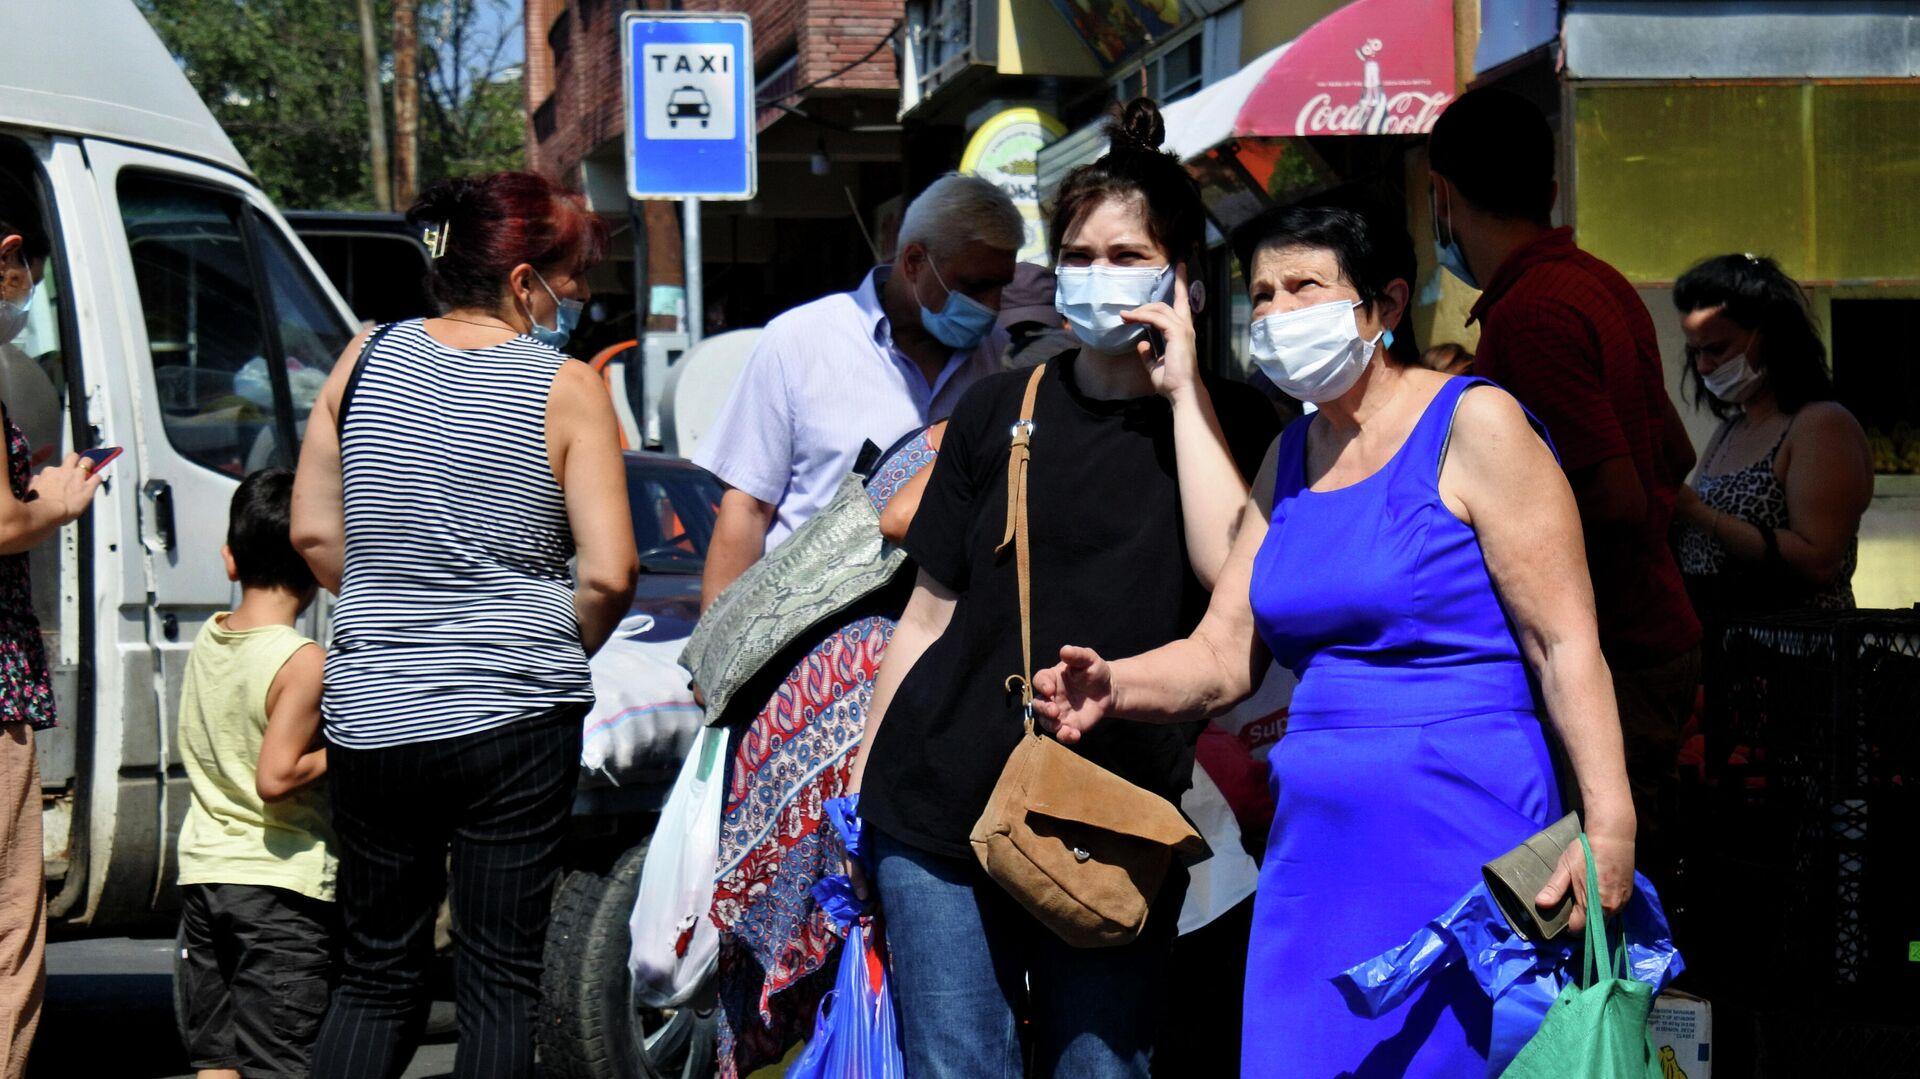 Эпидемия коронавируса - прохожие на улице в масках - Sputnik Грузия, 1920, 17.09.2021